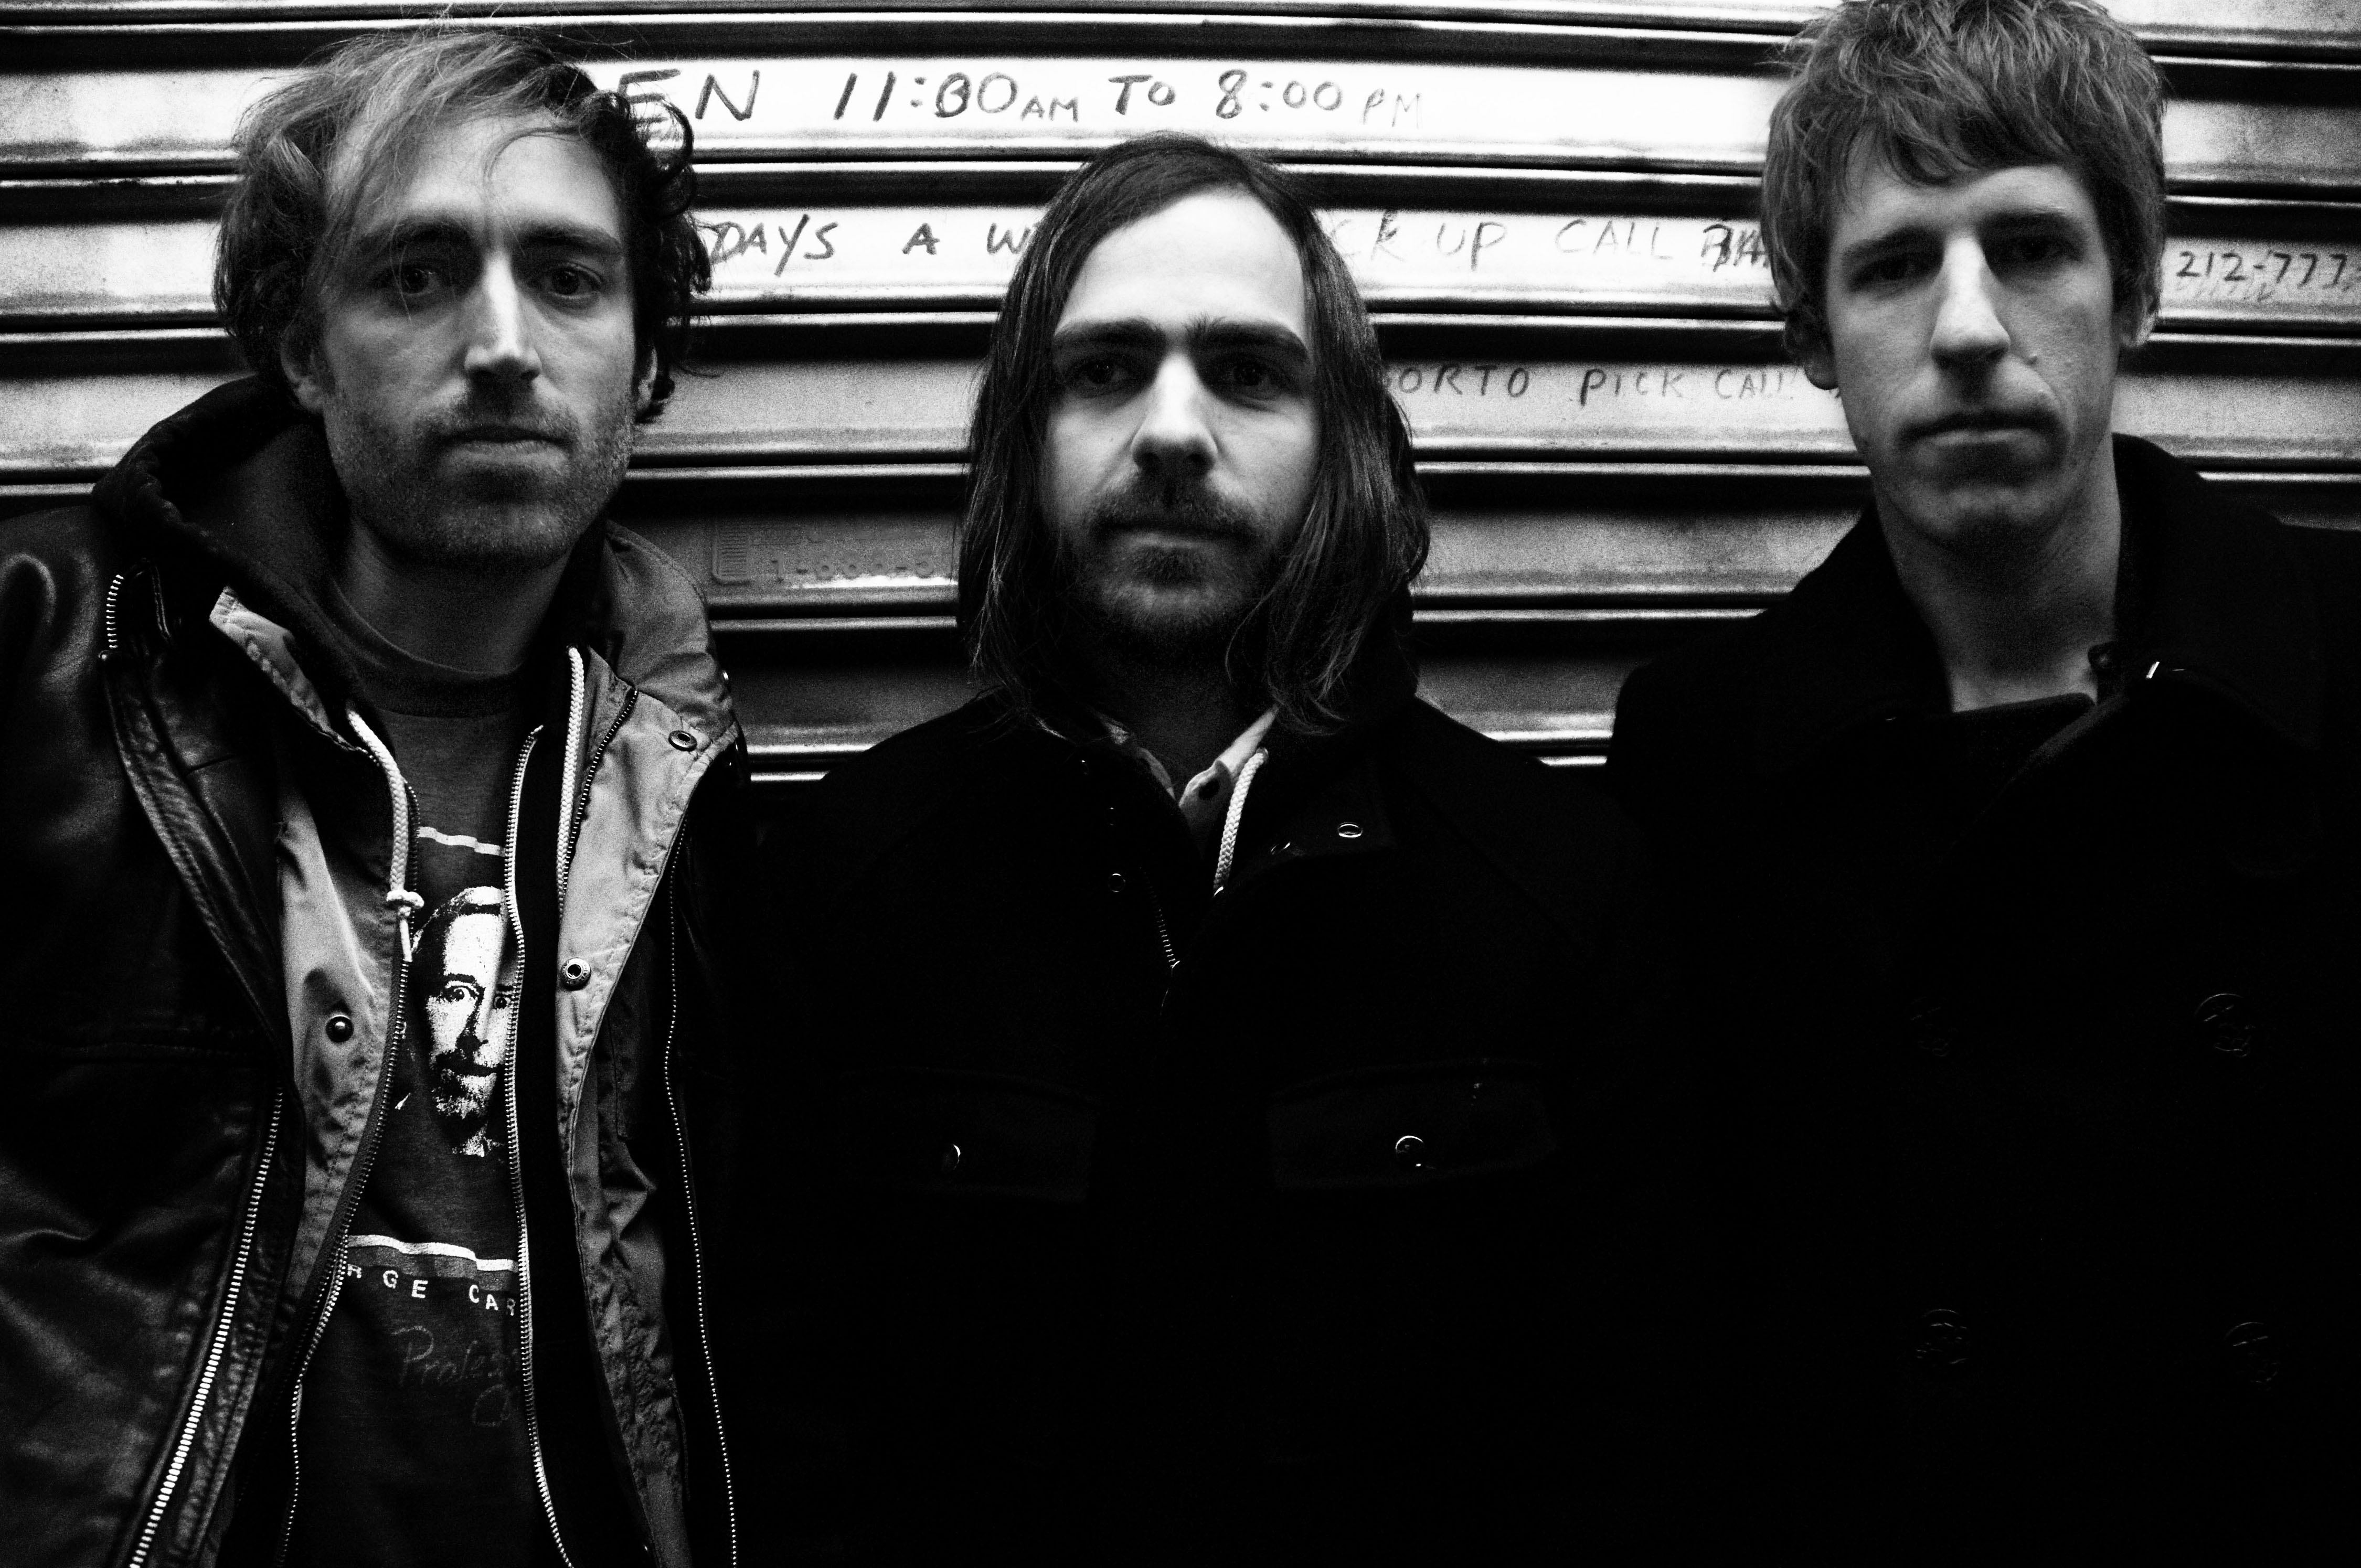 LeRock Fest anuncia serie de sideshows encabezados por A Place To Bury Strangers